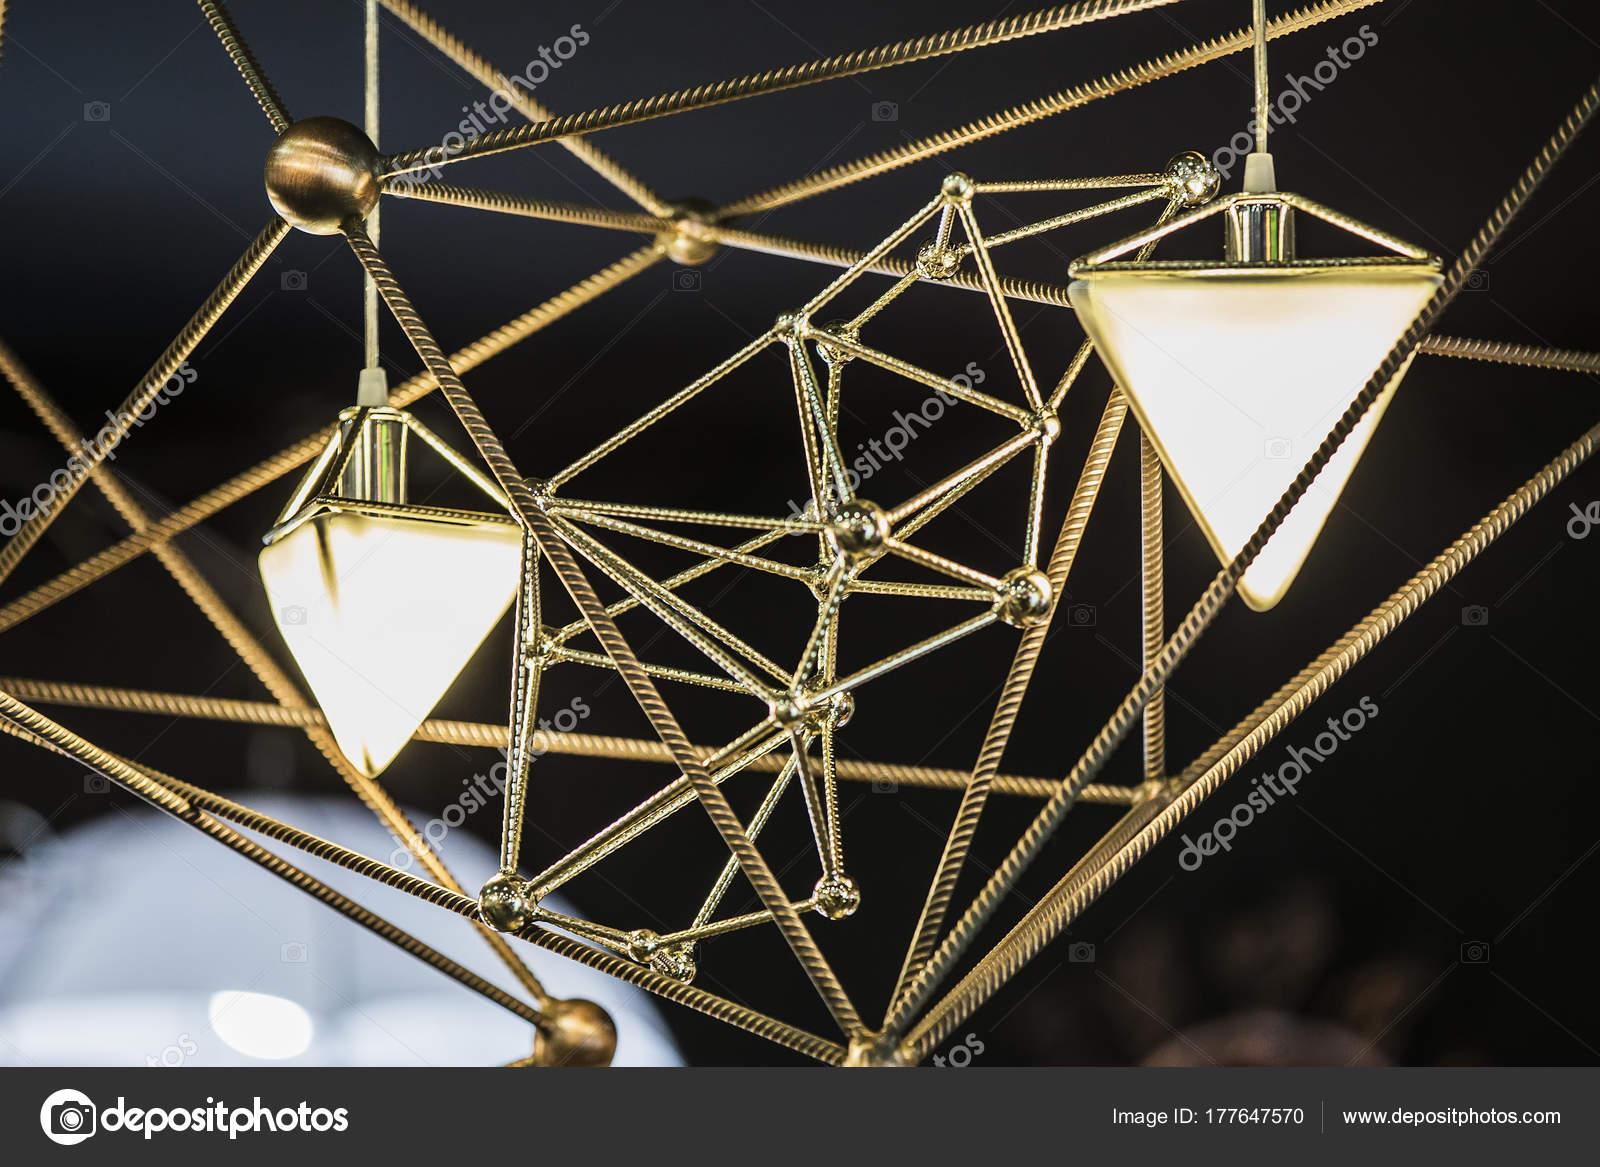 Moderne Kronleuchter Bilder ~ Moderner kronleuchter in form von einem dreieck und metallischen